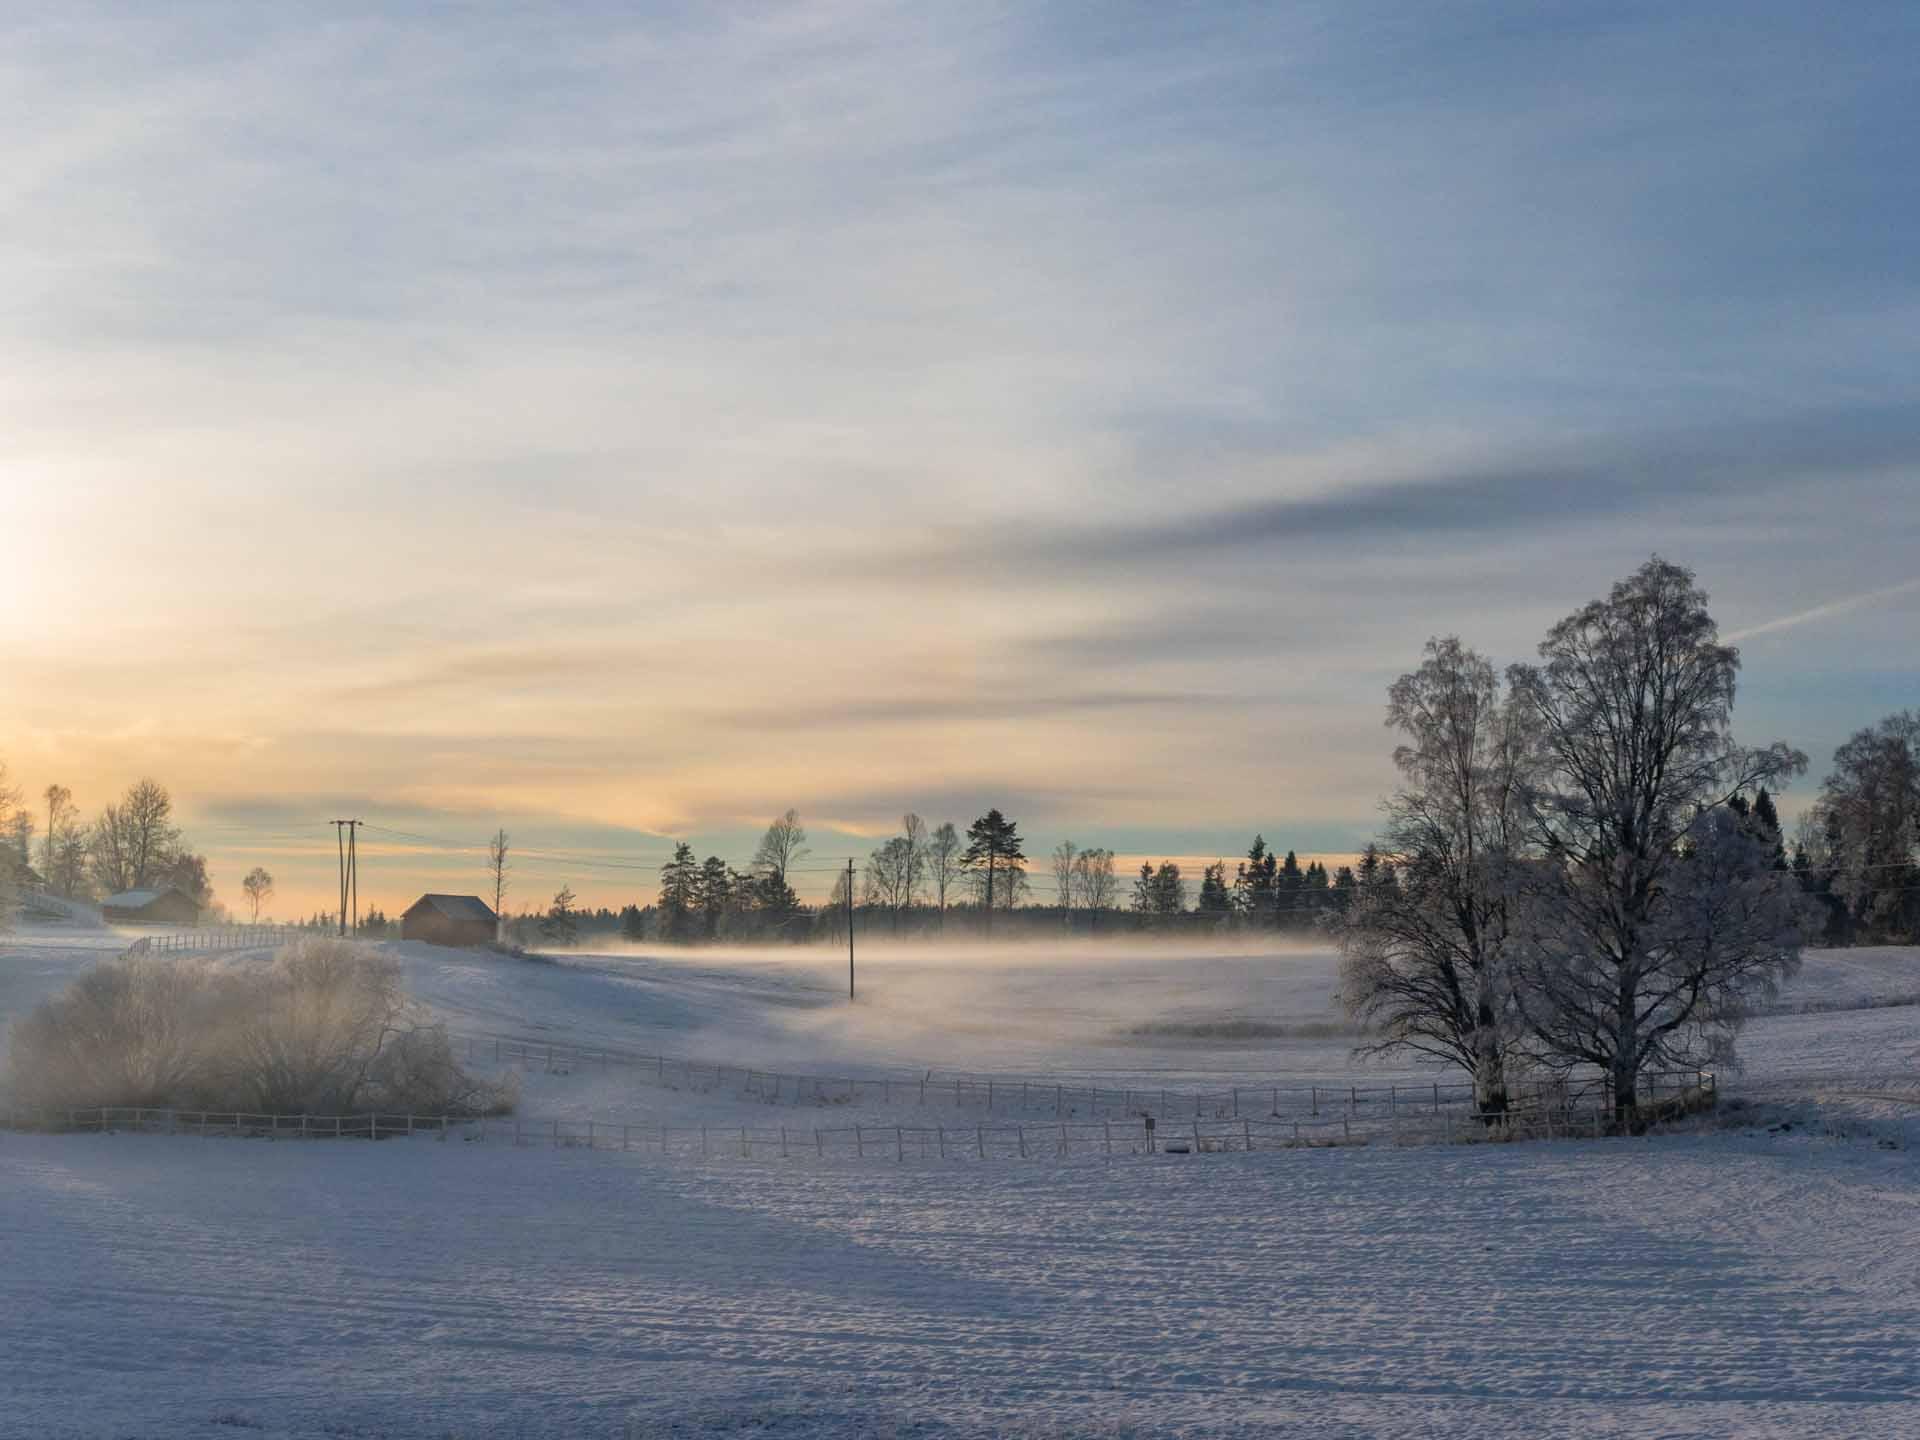 7 Tipps für tolle Winterfotos mit dem Smartphone